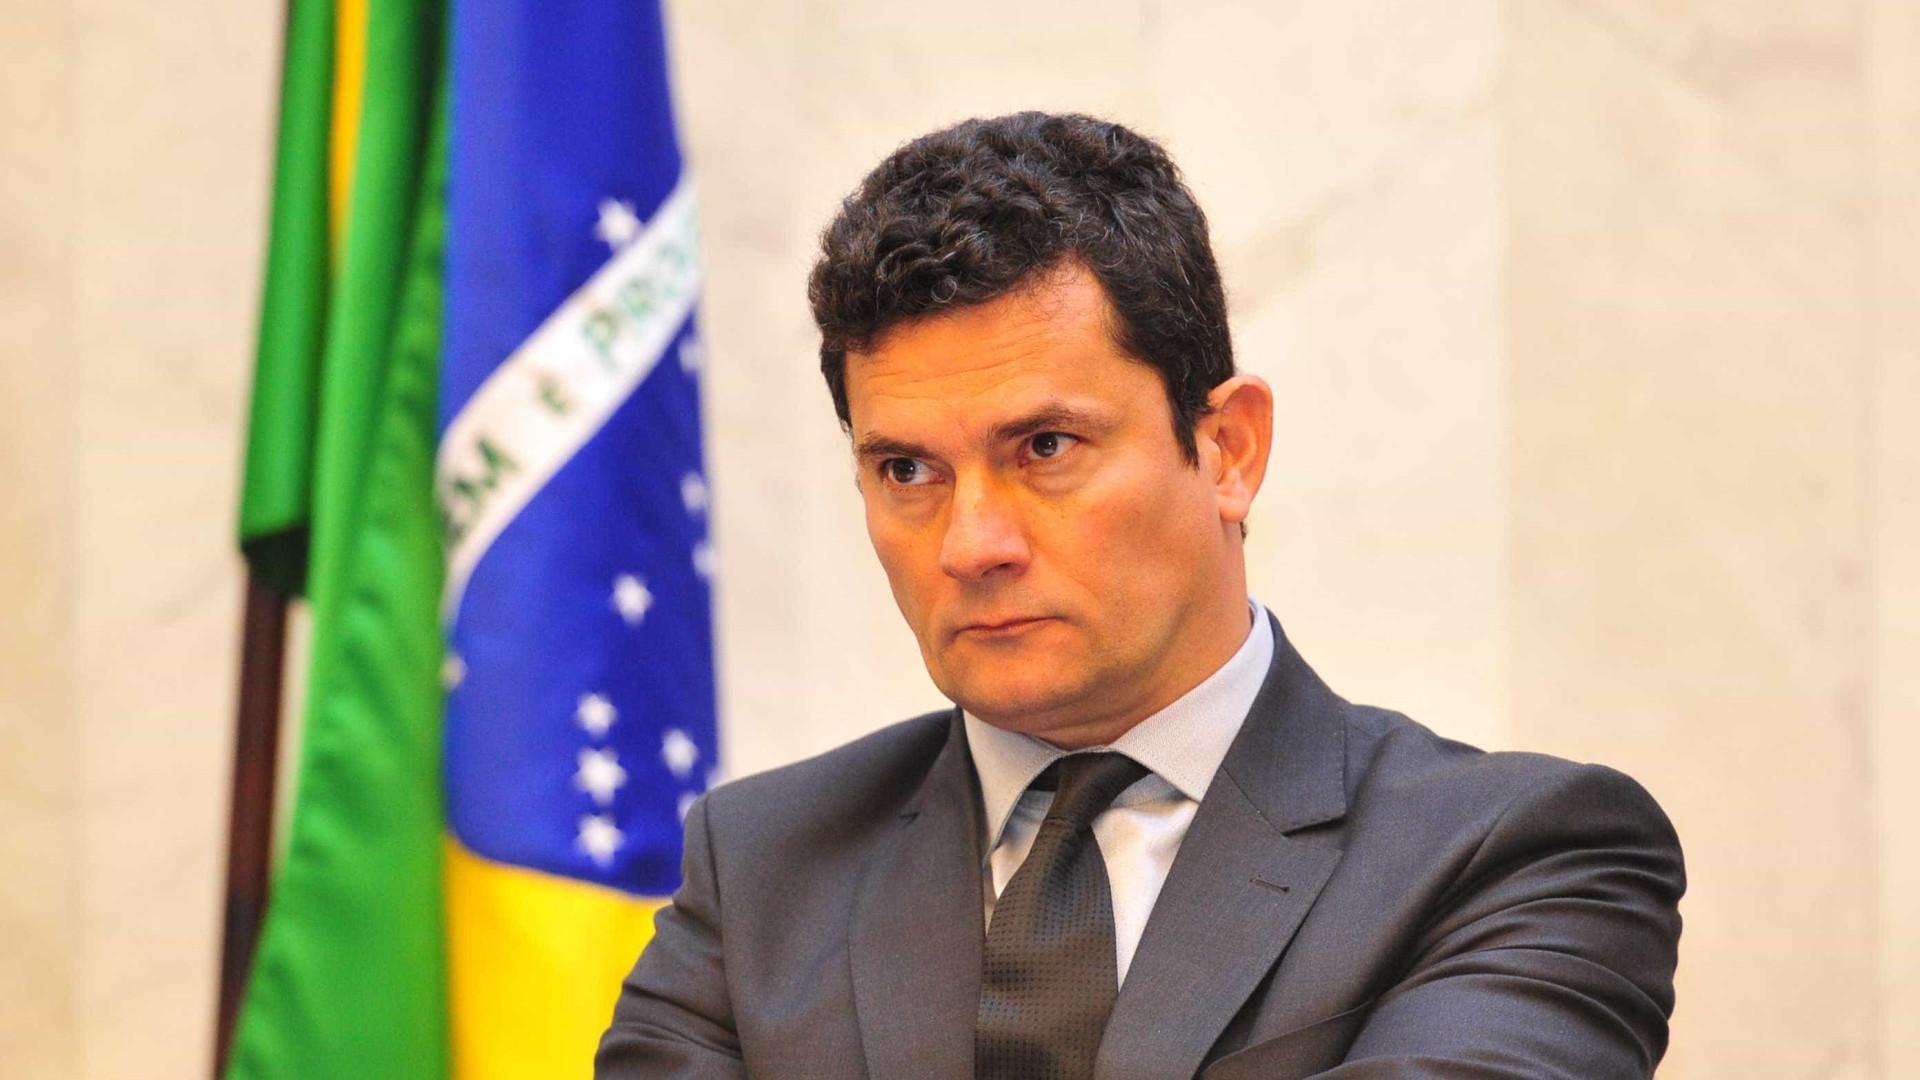 TRF nega pedido e Moro continua em processo sobre sítio de Atibaia